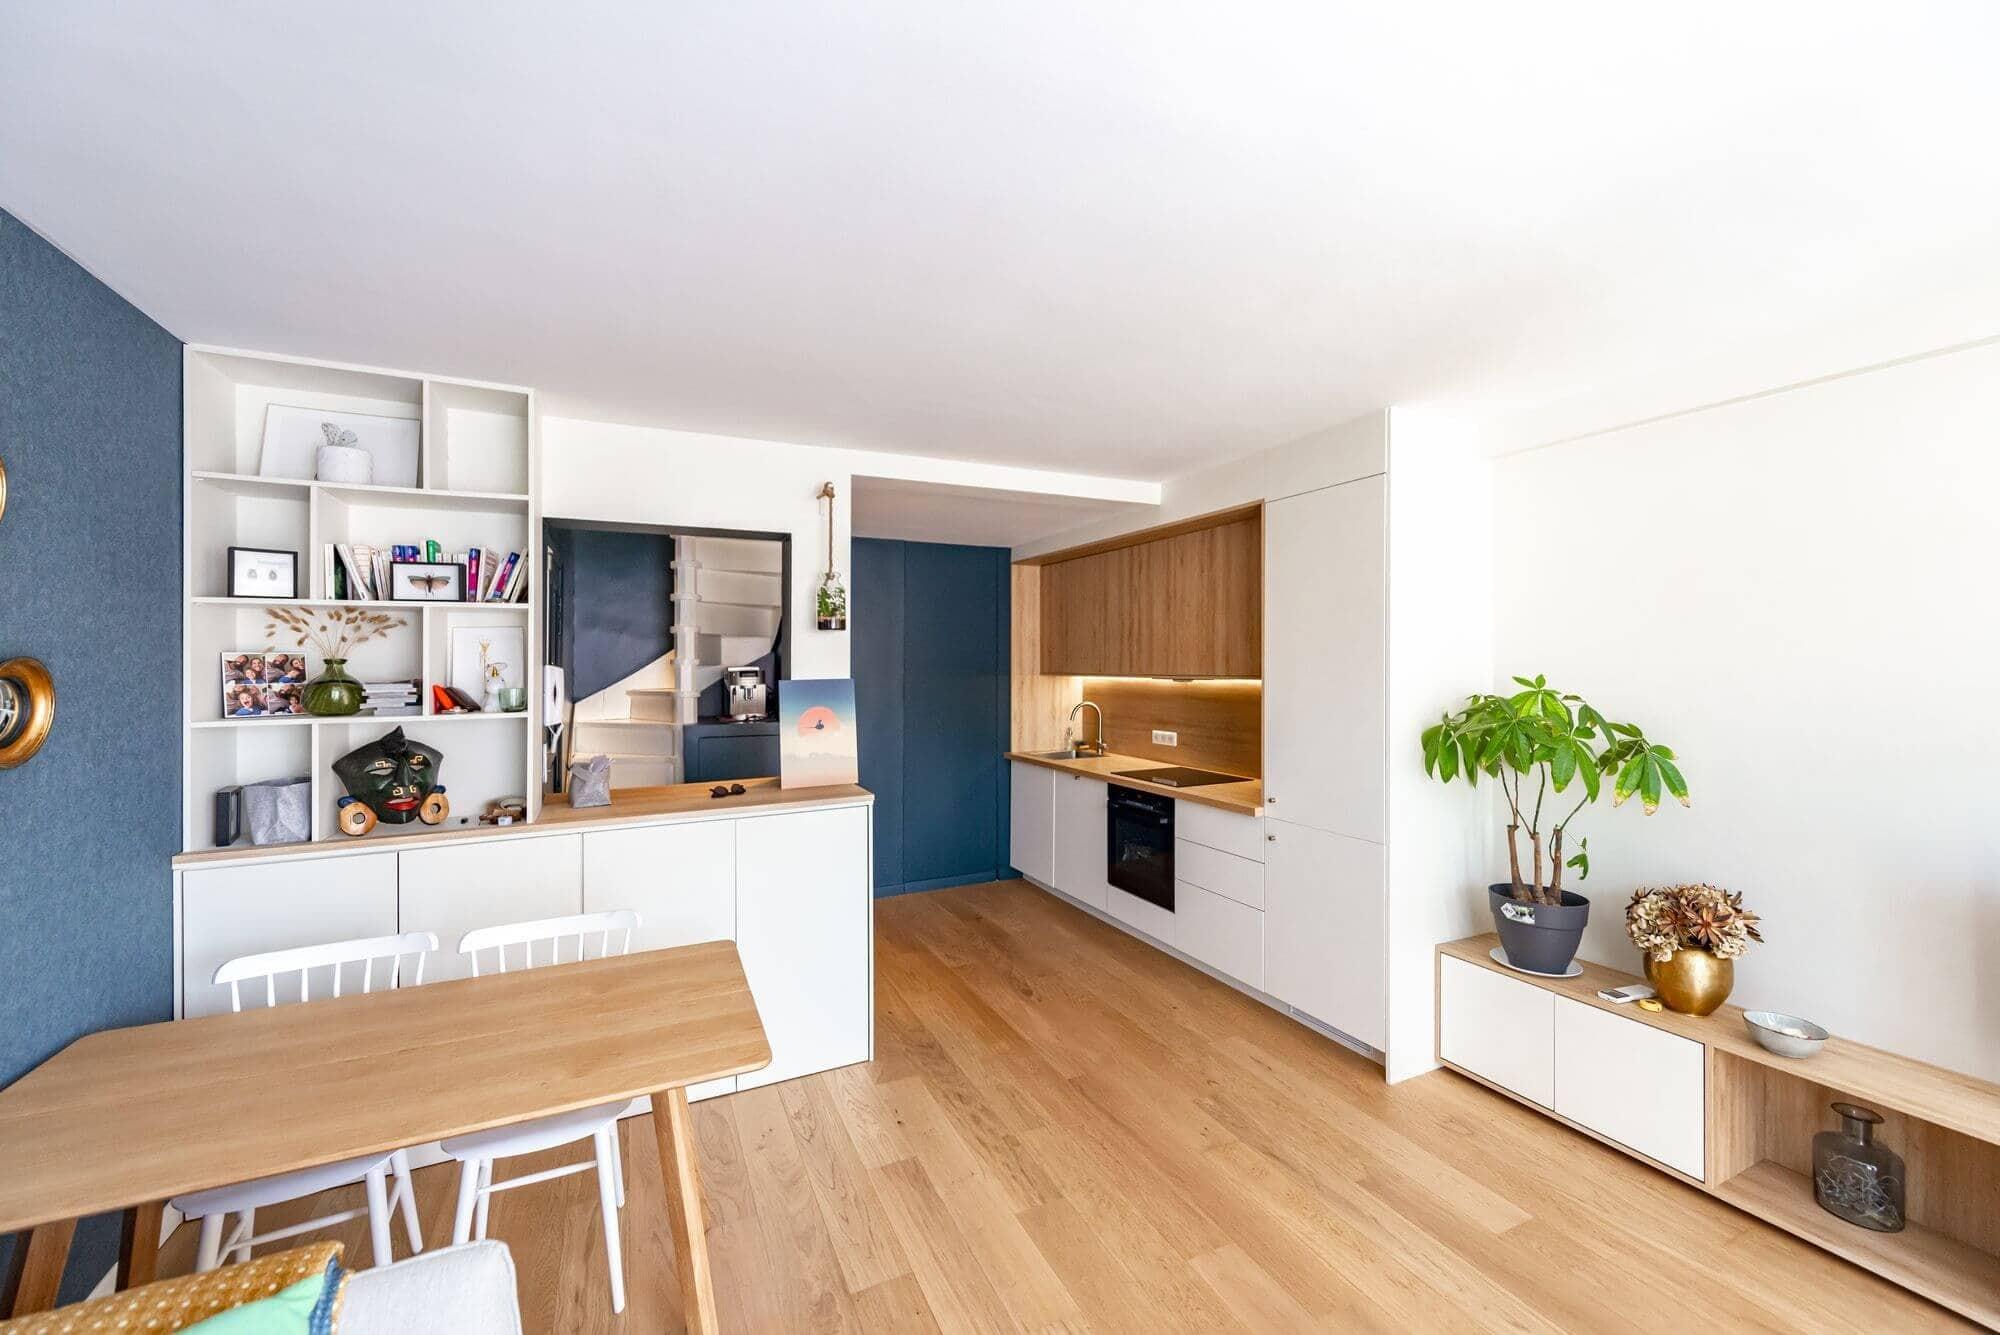 Rénovation appartement, loft, t2, t3, t4, t5